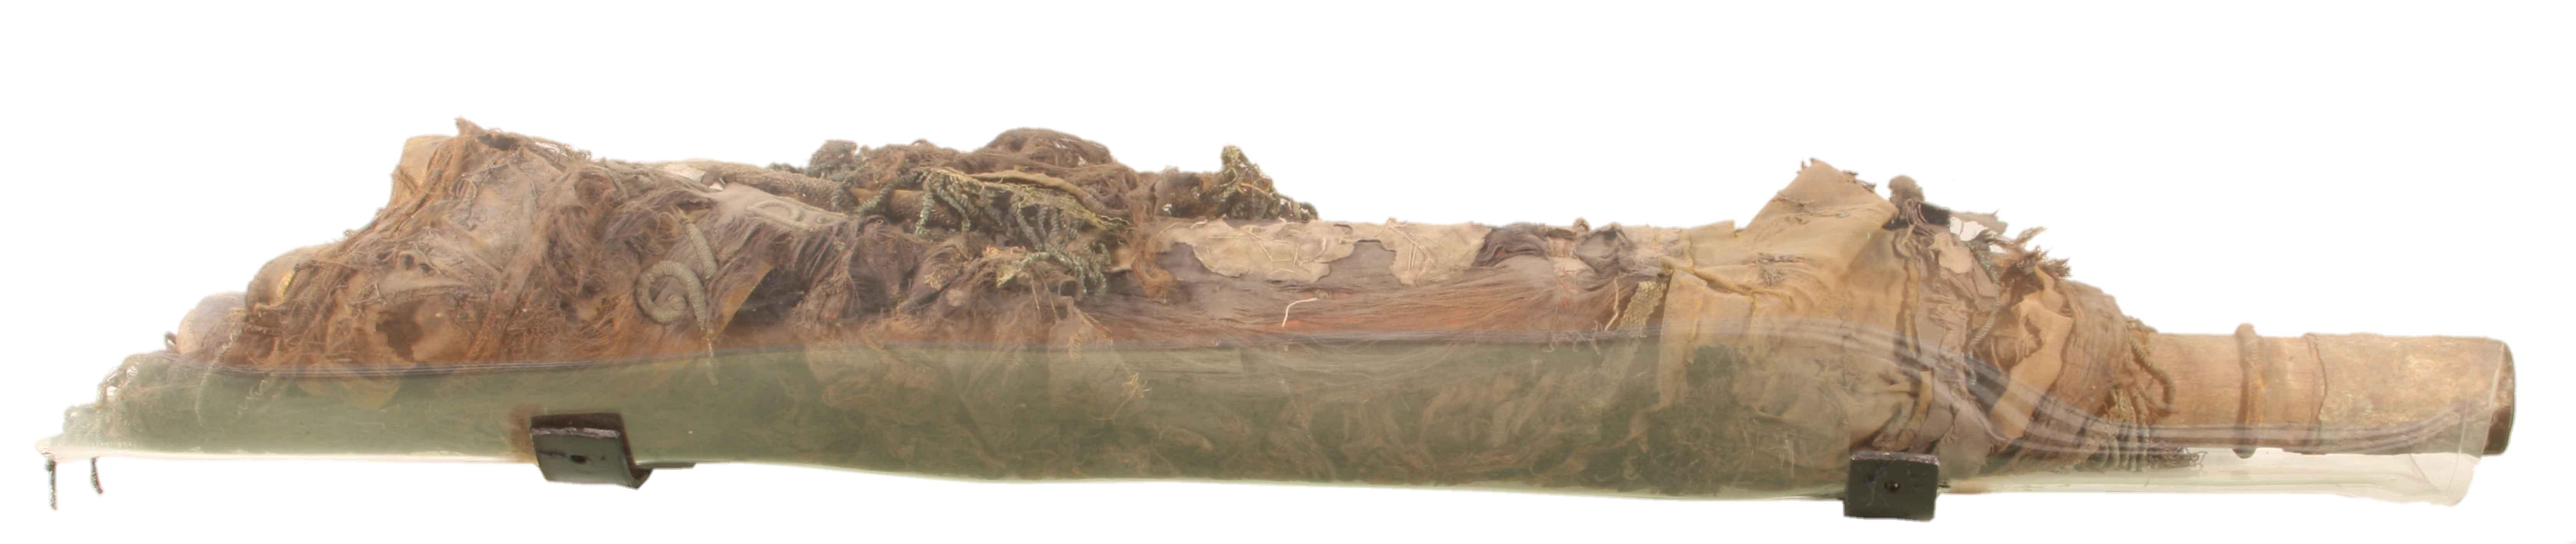 Szczątki proporca strzeleckiego 27. Dywizji Piechoty